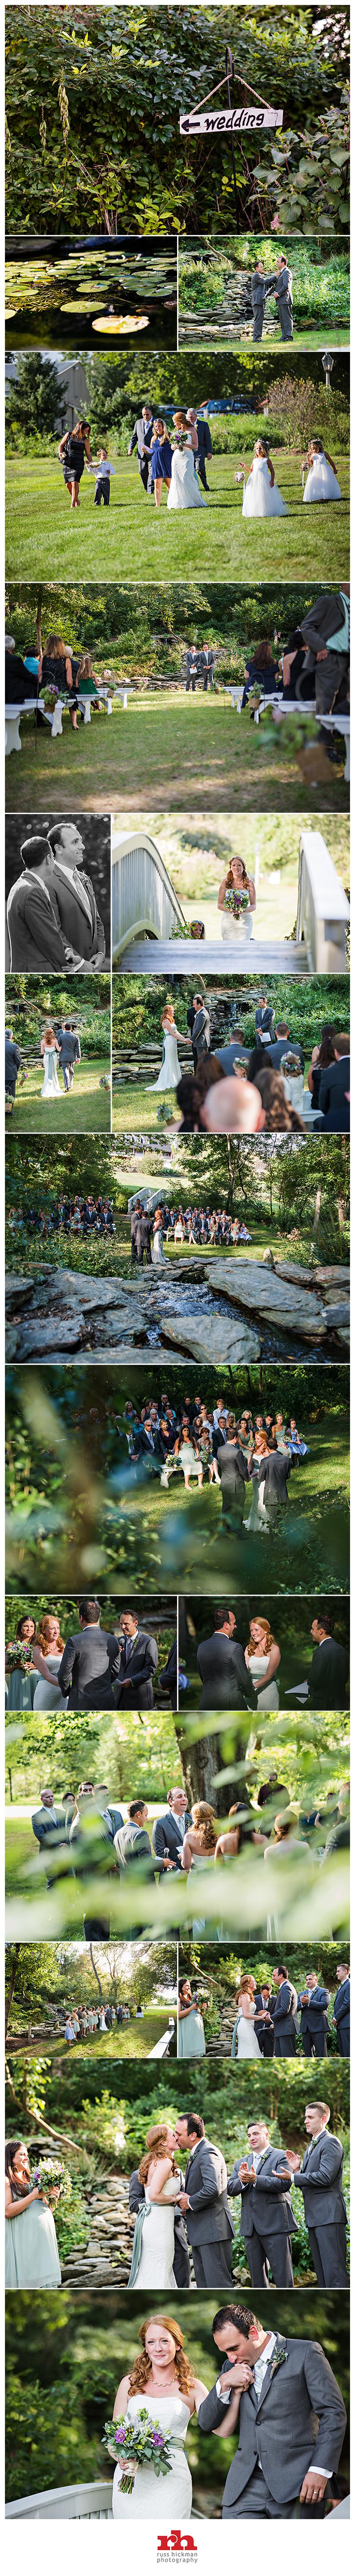 Philadelphia Wedding Photography JAWB14